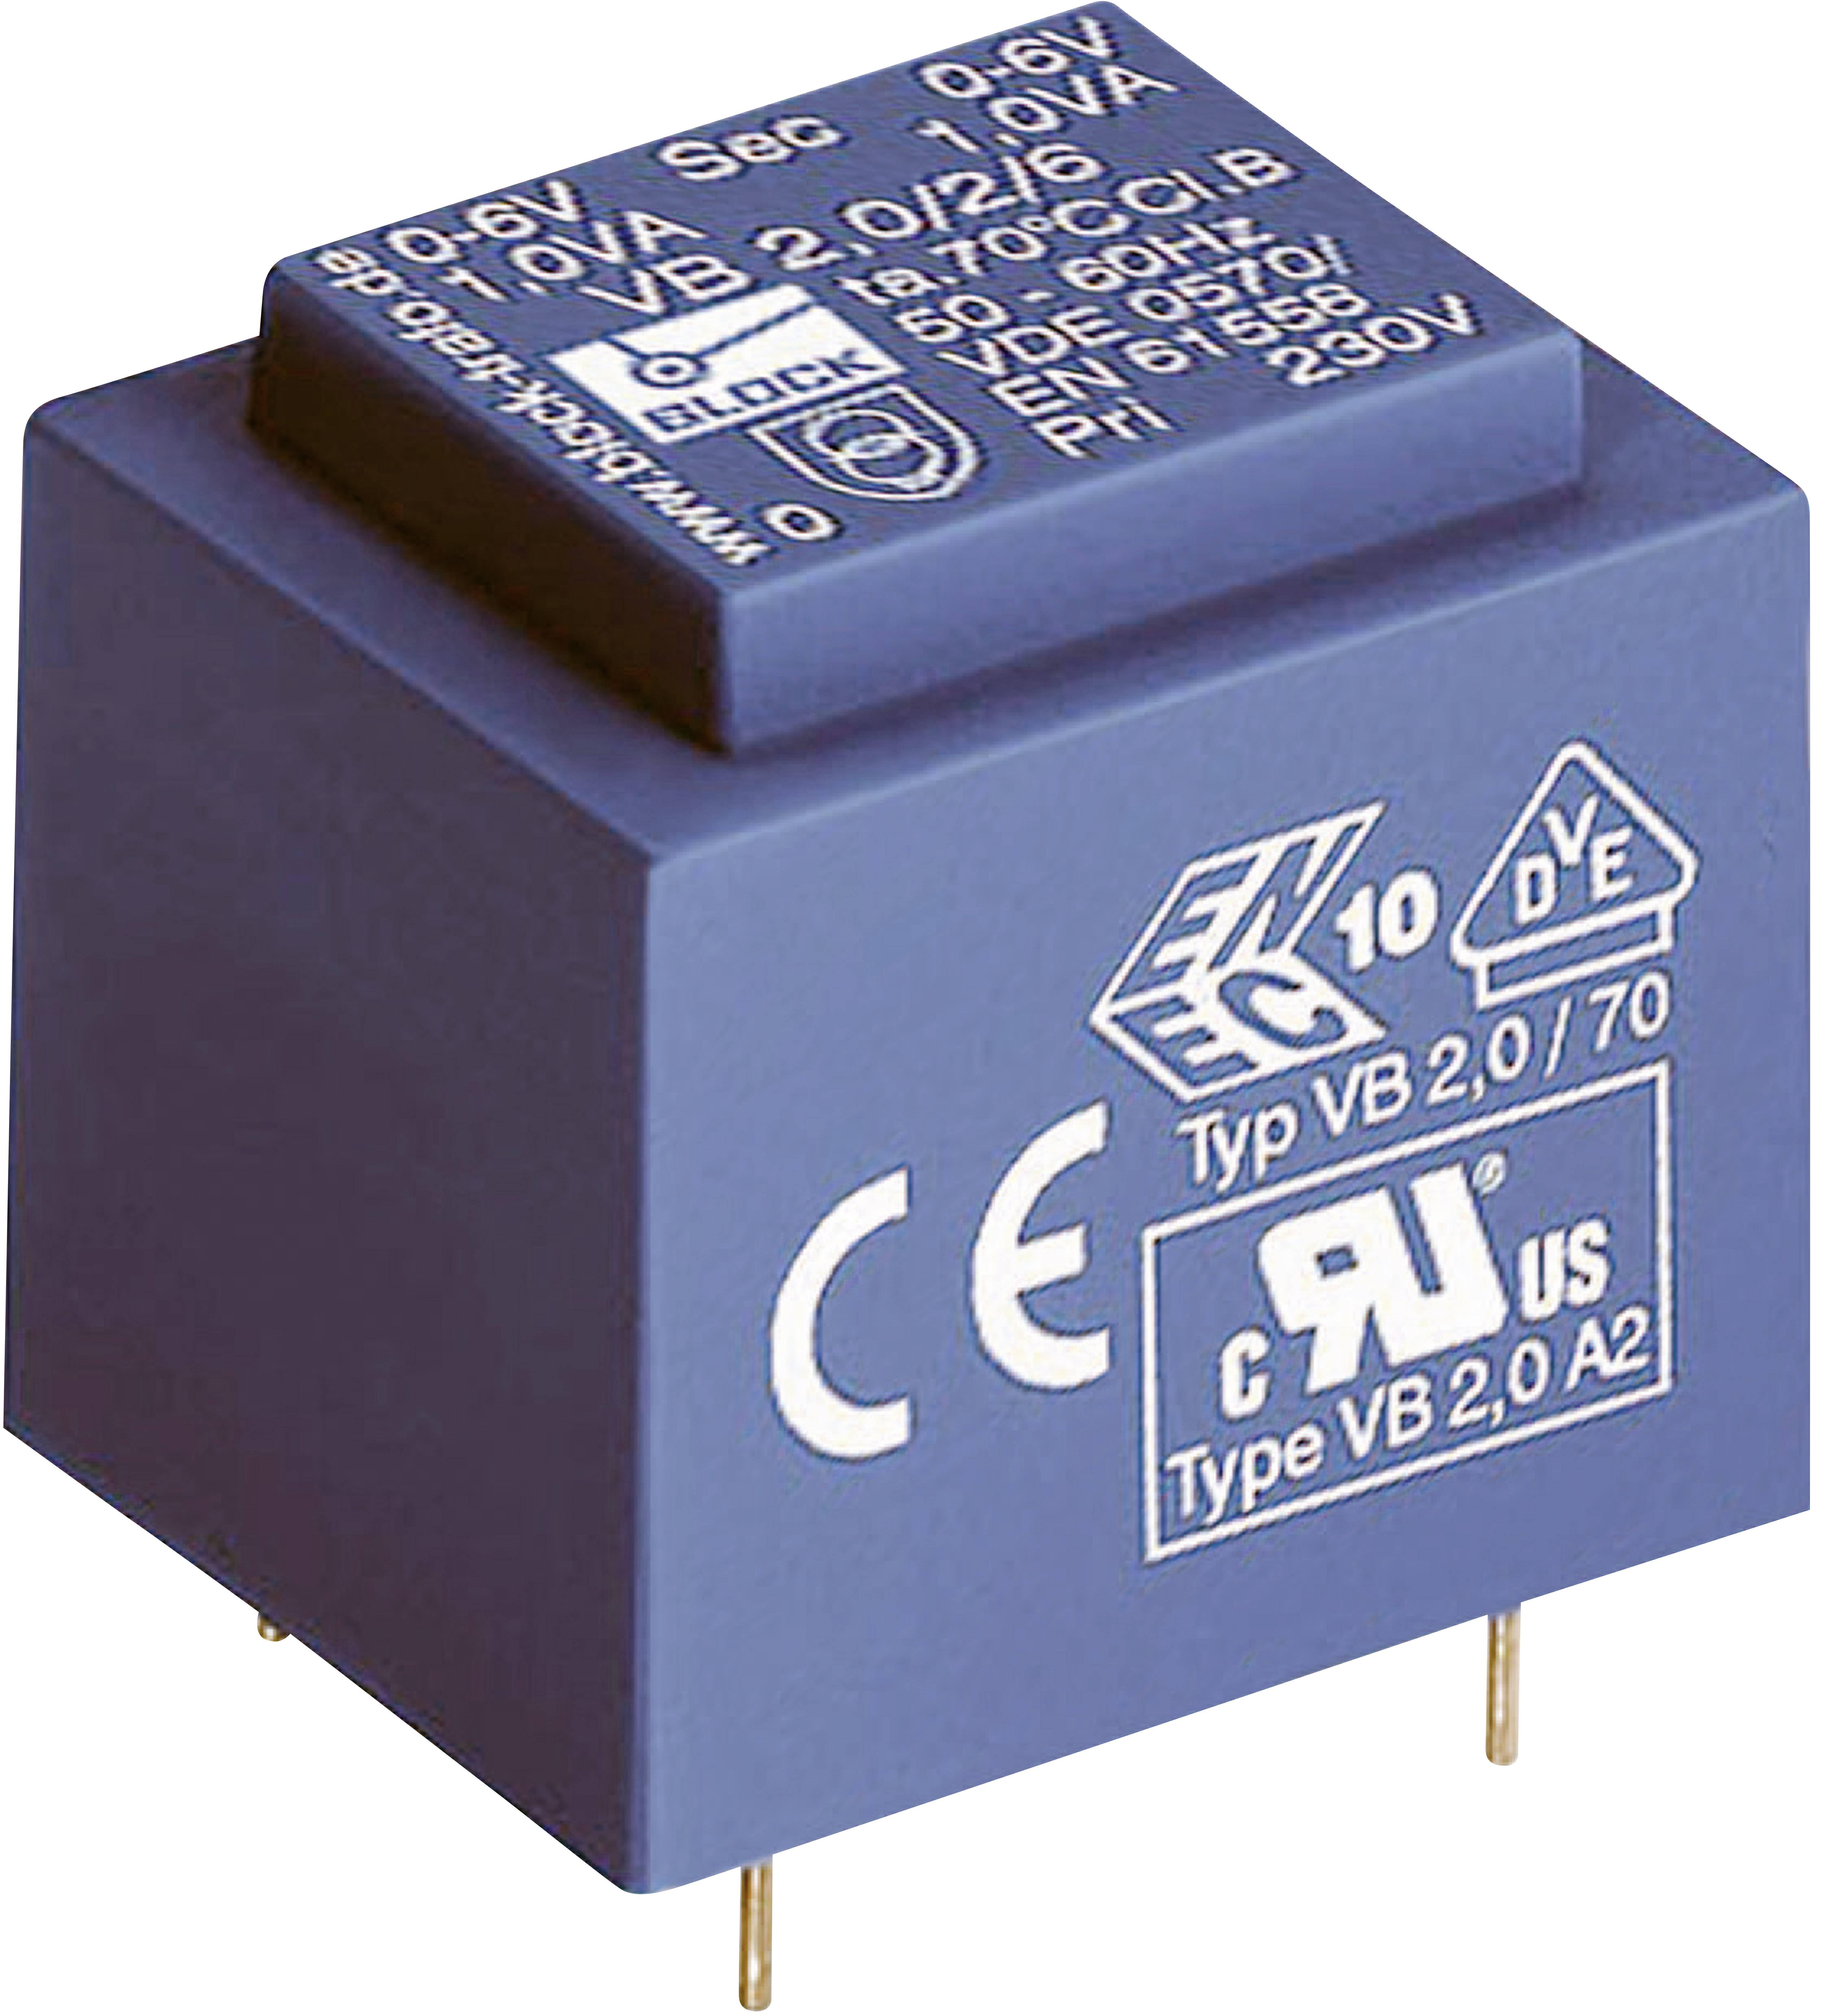 Transformátor do DPS Block VB 2,0/1/6, 2 VA